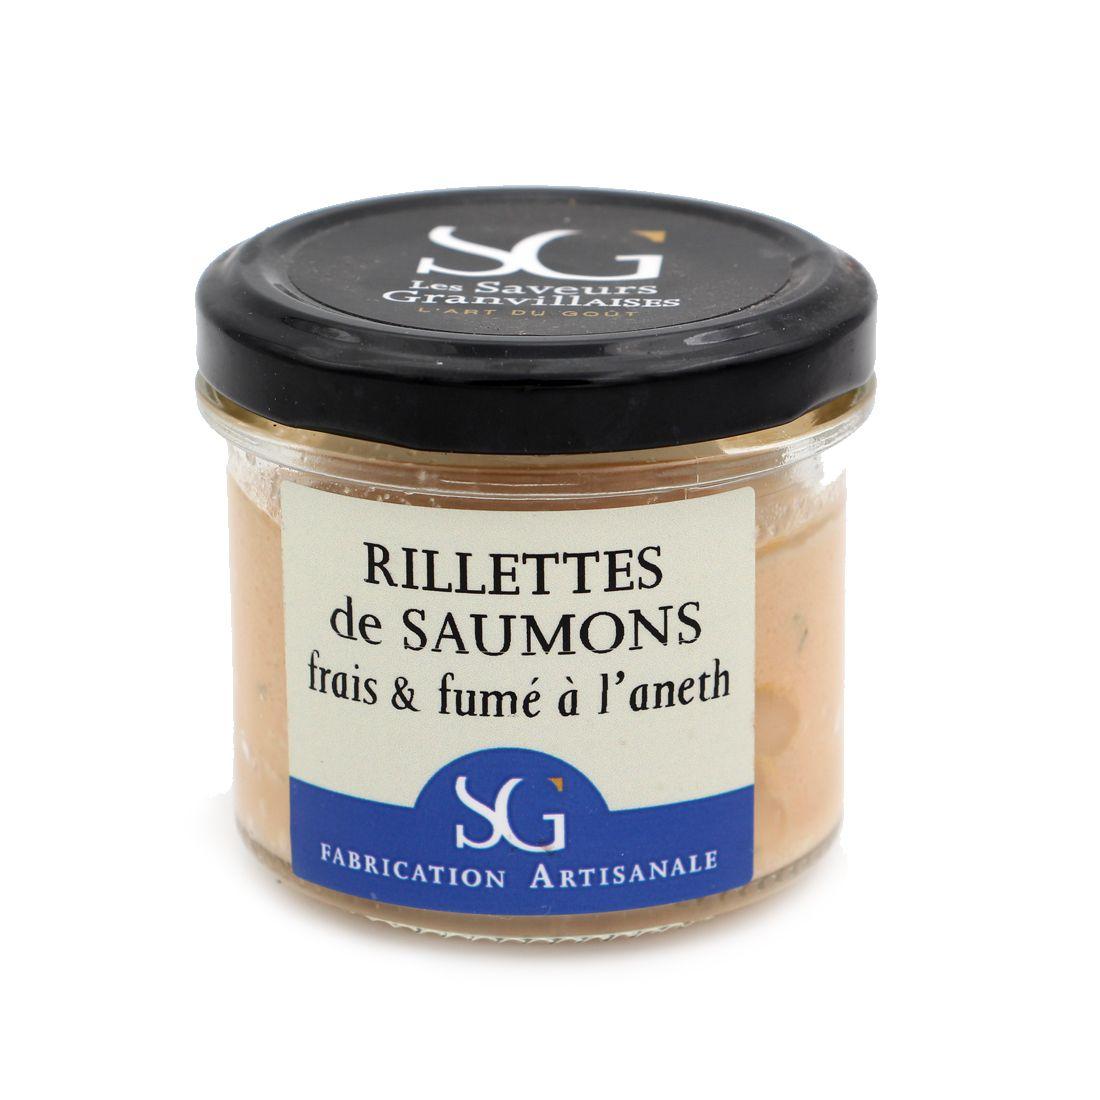 rillettes-de-saumon-frais-fumes-a-l-aneth